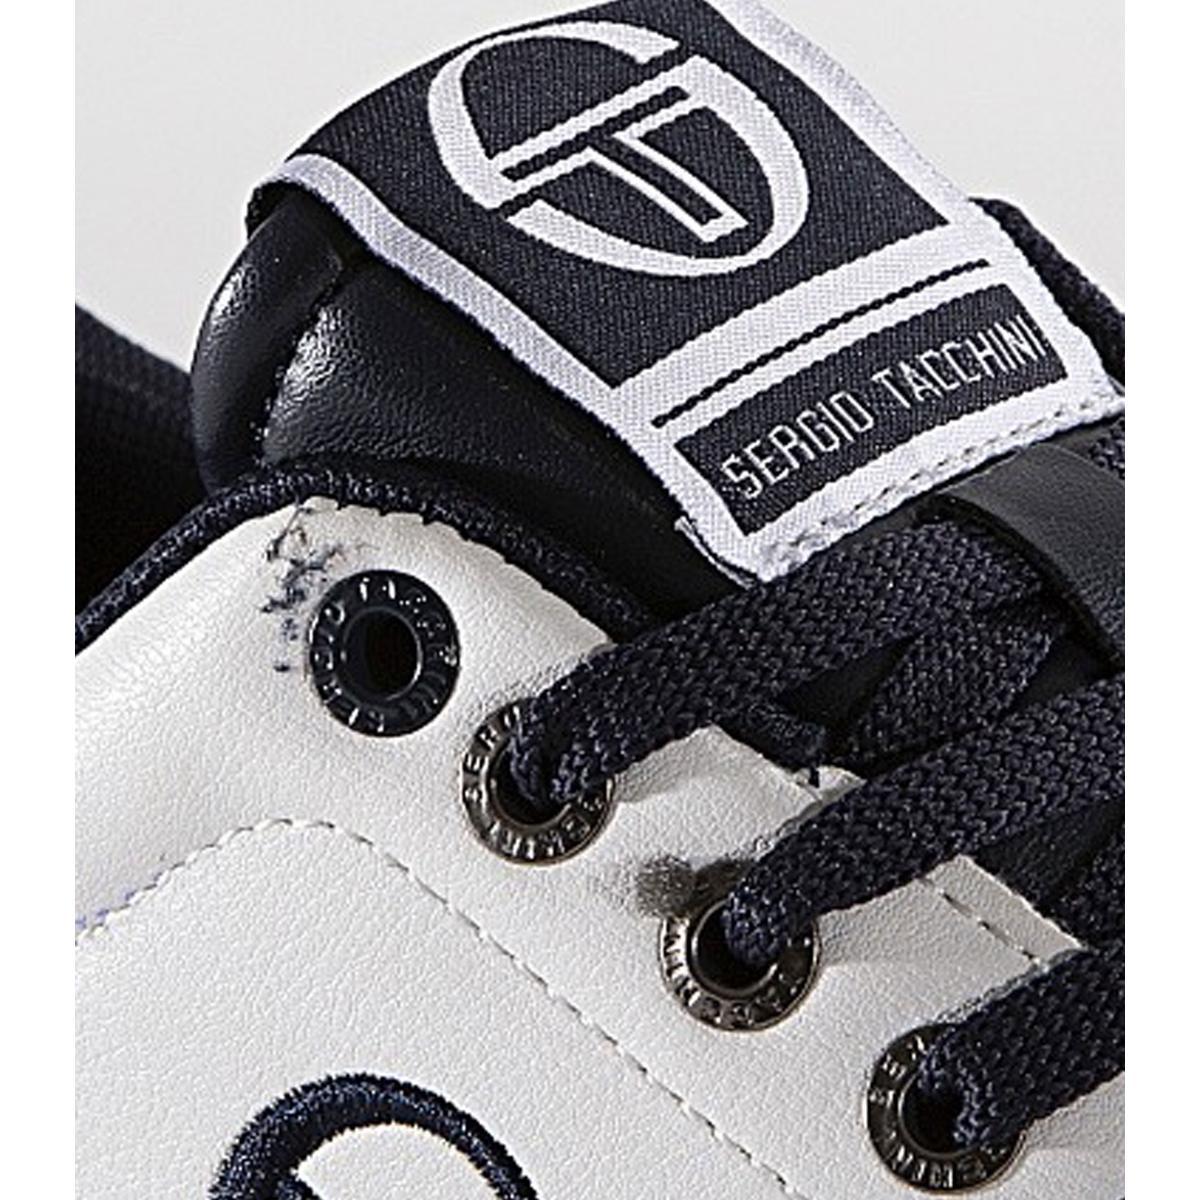 Scarpe Sneakers Sergio Tacchini GRAN TORINO LTX da uomo rif. STM924104